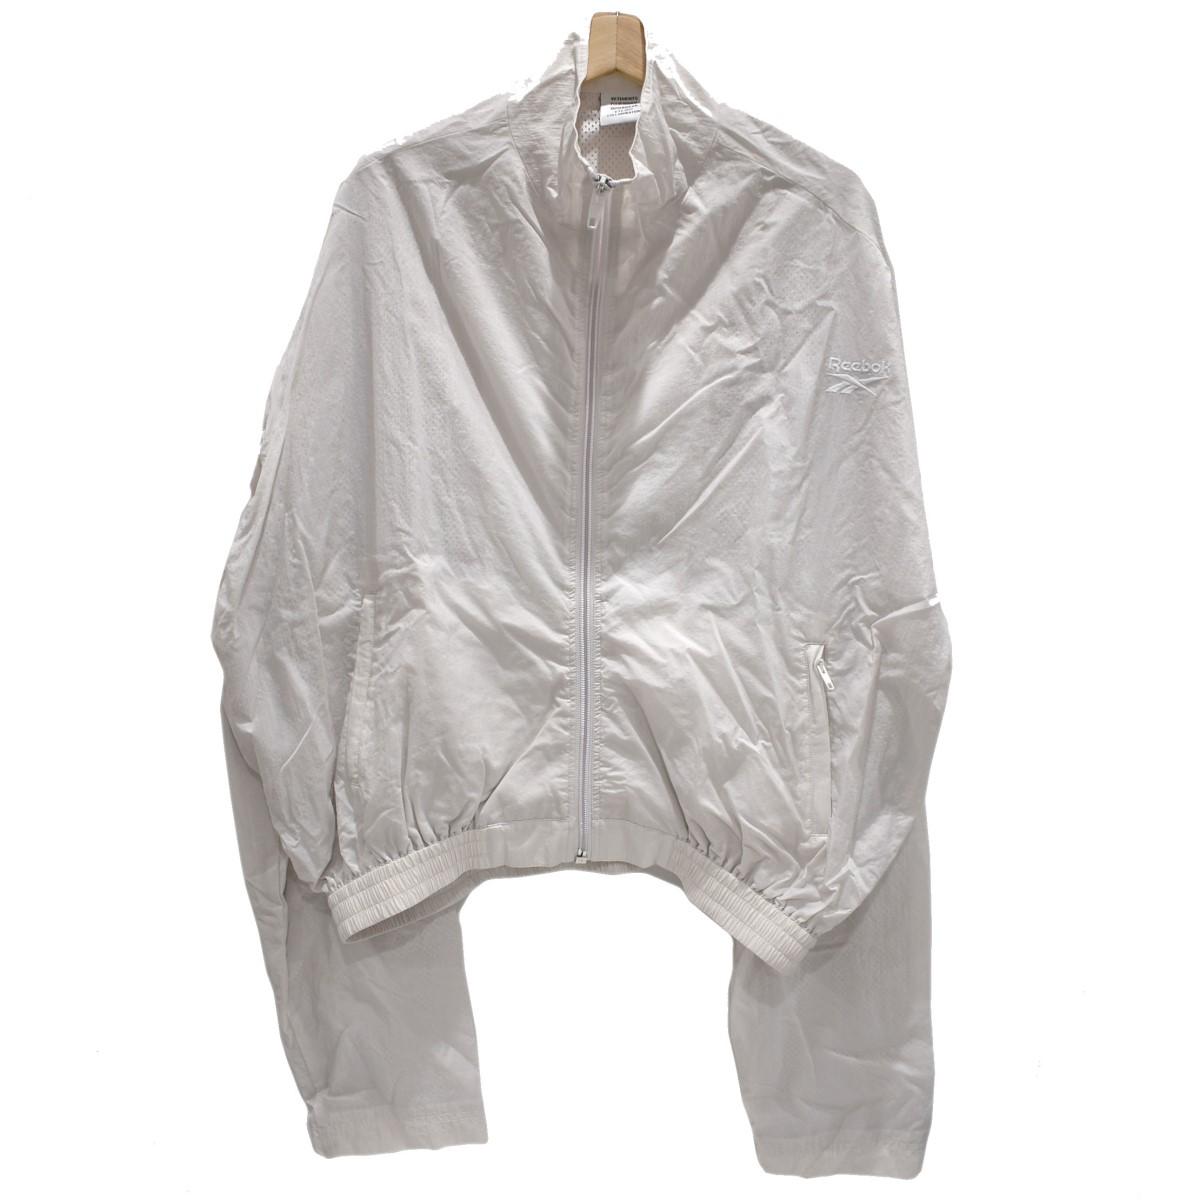 【中古】VETEMENTS ×REEBOK ナイロンジャケット オフホワイト サイズ:M 【050420】(ヴェトモン)